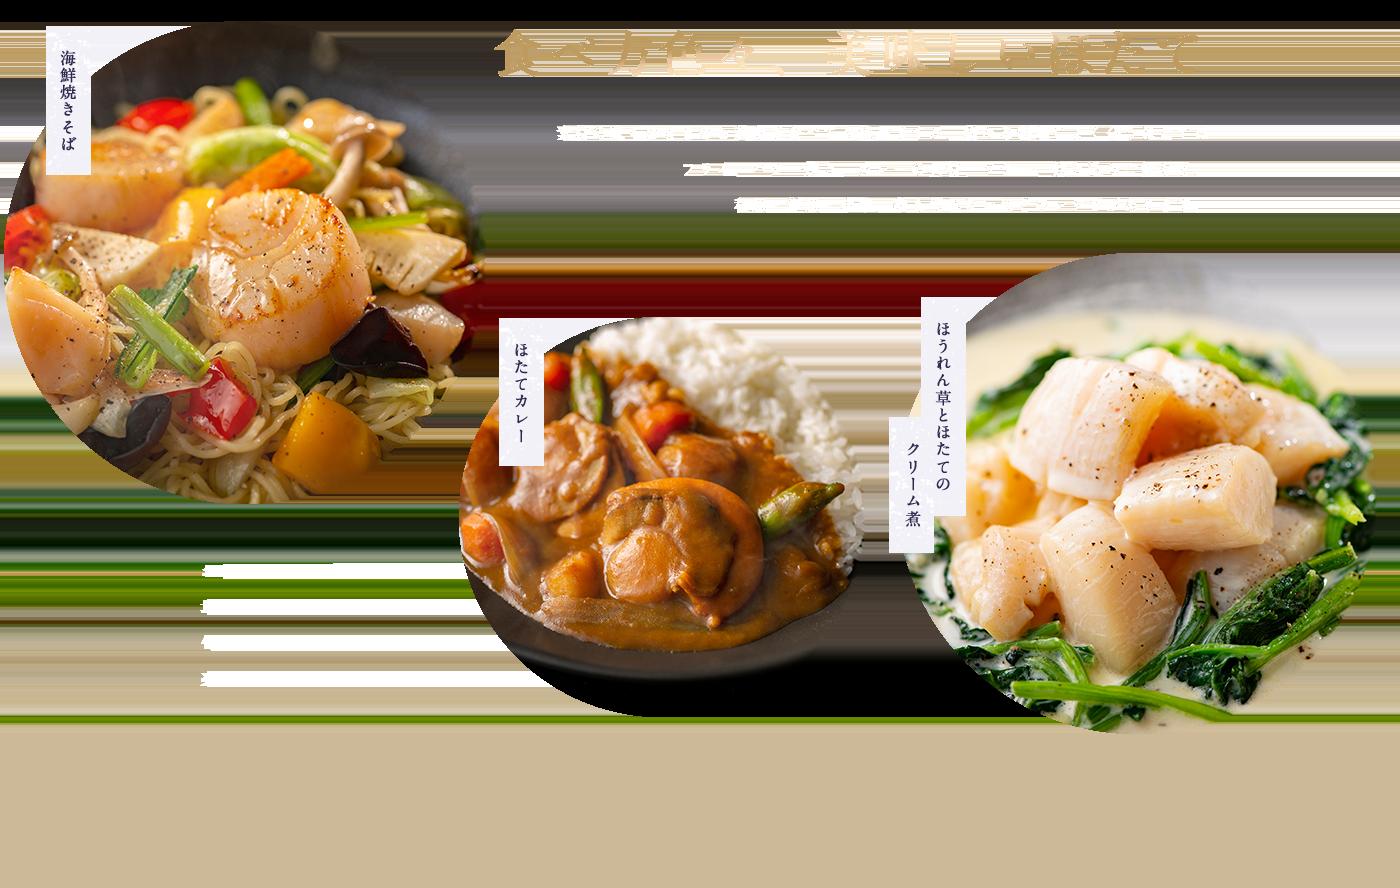 食べ方色々、美味しいほたて 素材の味そのままのお刺身で食べても絶品ですが、様々な料理によく合うほたてはフライ、バター焼き、カレーの具、ソテー、炊き込みご飯など、和風、洋風、中華、数え切れないほどのレシピがあります。